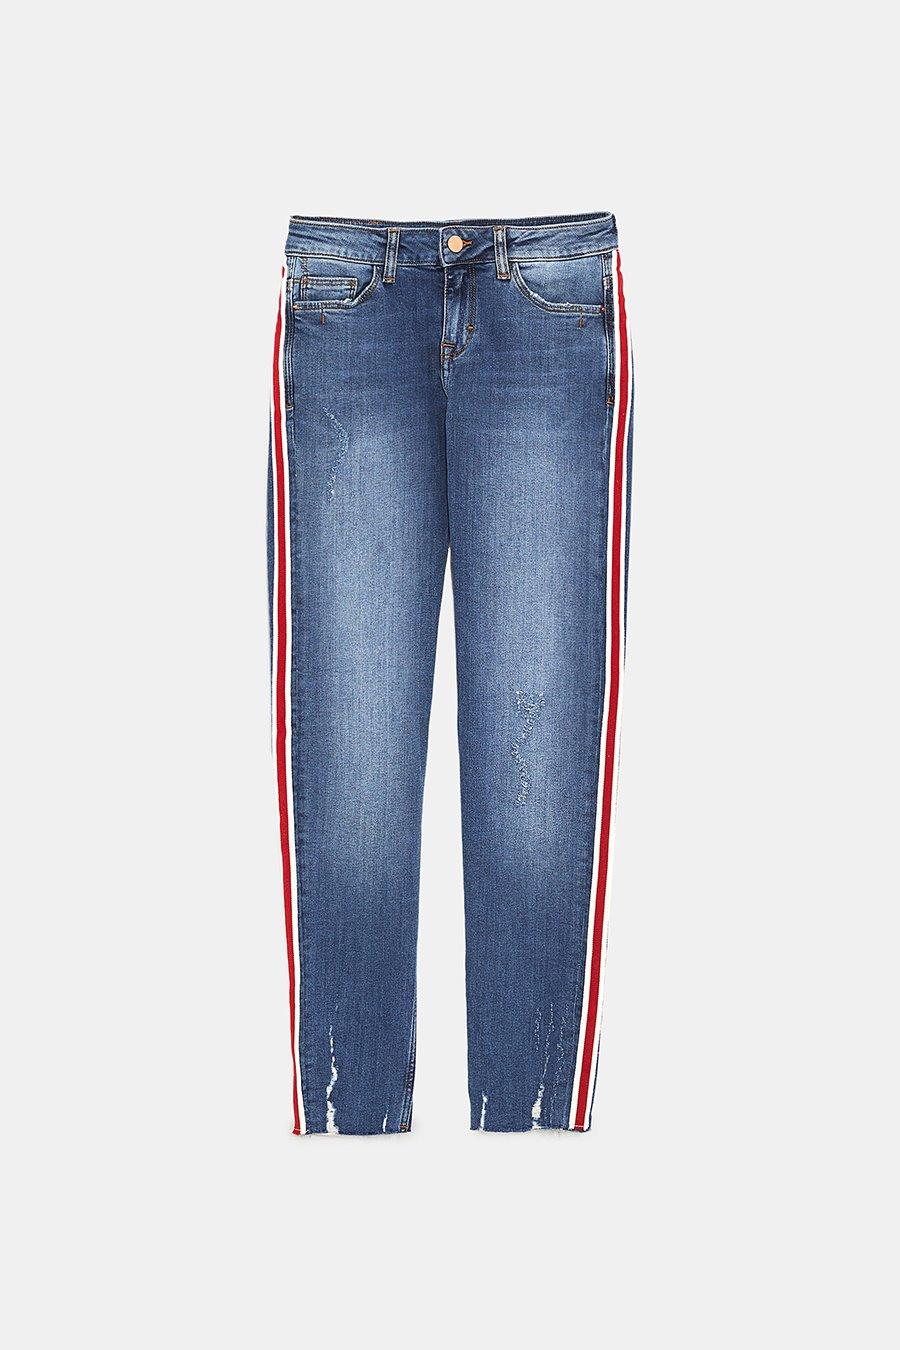 Los Pantalones Vaqueros Mujer De Moda Segun Tu Cuerpo